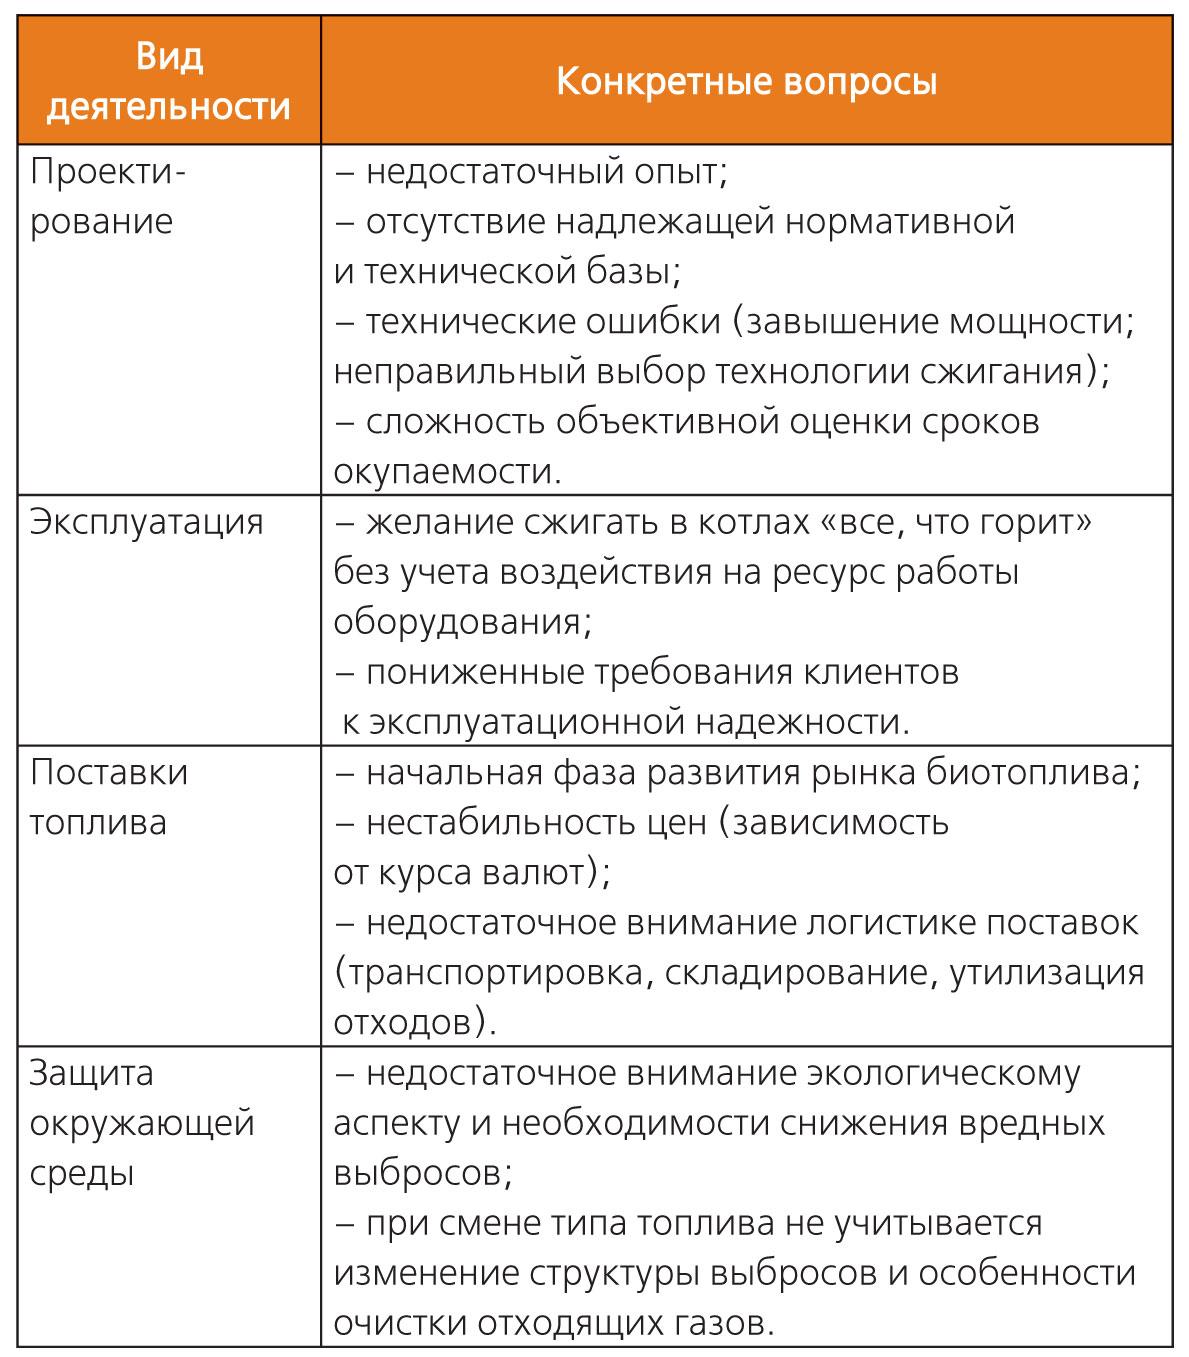 nacionalnie_osobennosti_tverdotoplivnih_tehnologii_18.jpg